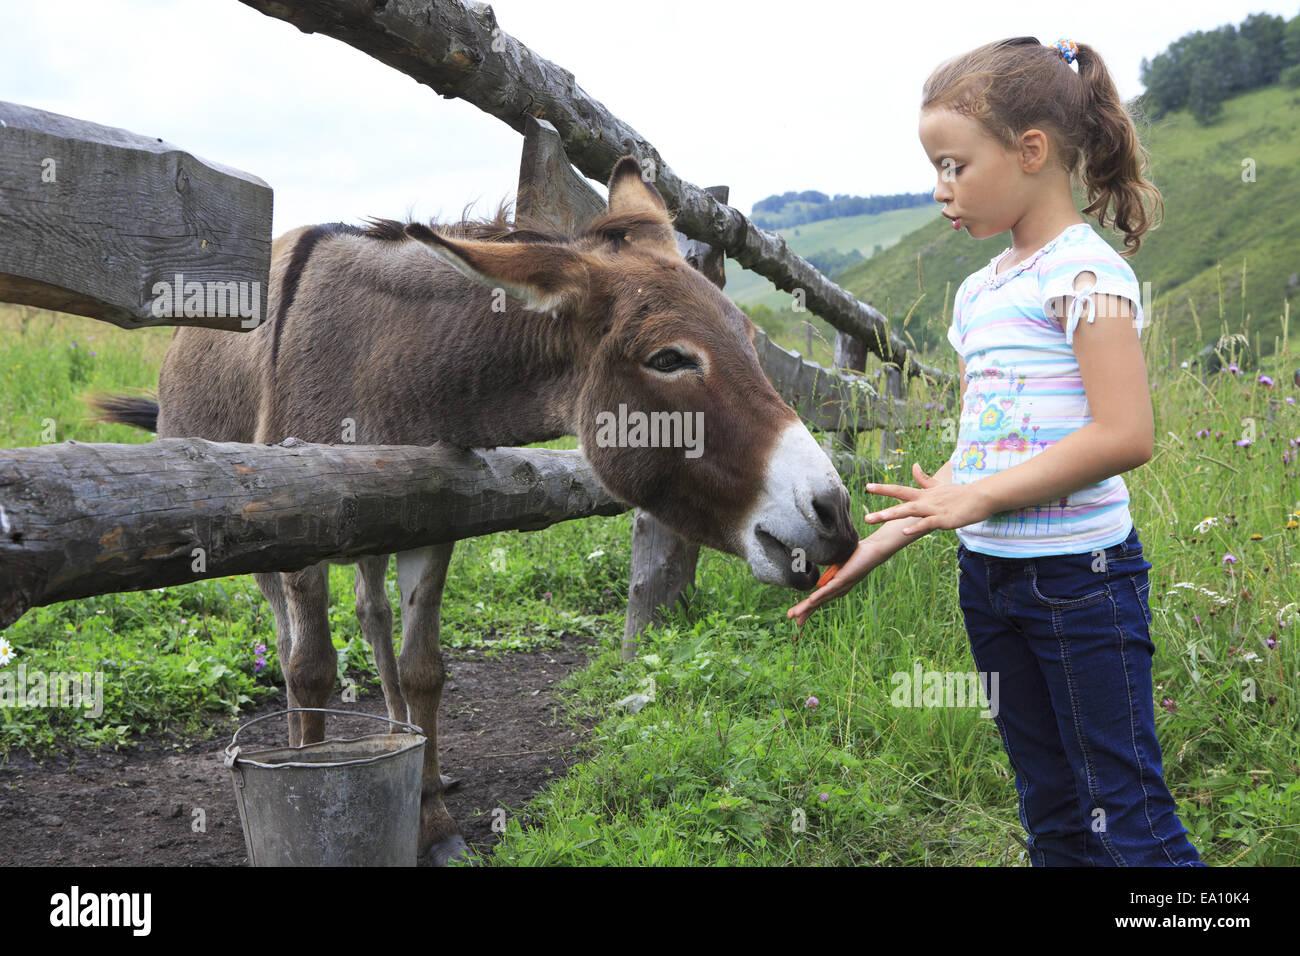 Poco Chica Alimentando Burro Zanahoria Fotografia De Stock Alamy La imagen corresponde a poner una zanahoria en un palo, para que el burro haga girar la. https www alamy es foto poco chica alimentando burro zanahoria 75010520 html